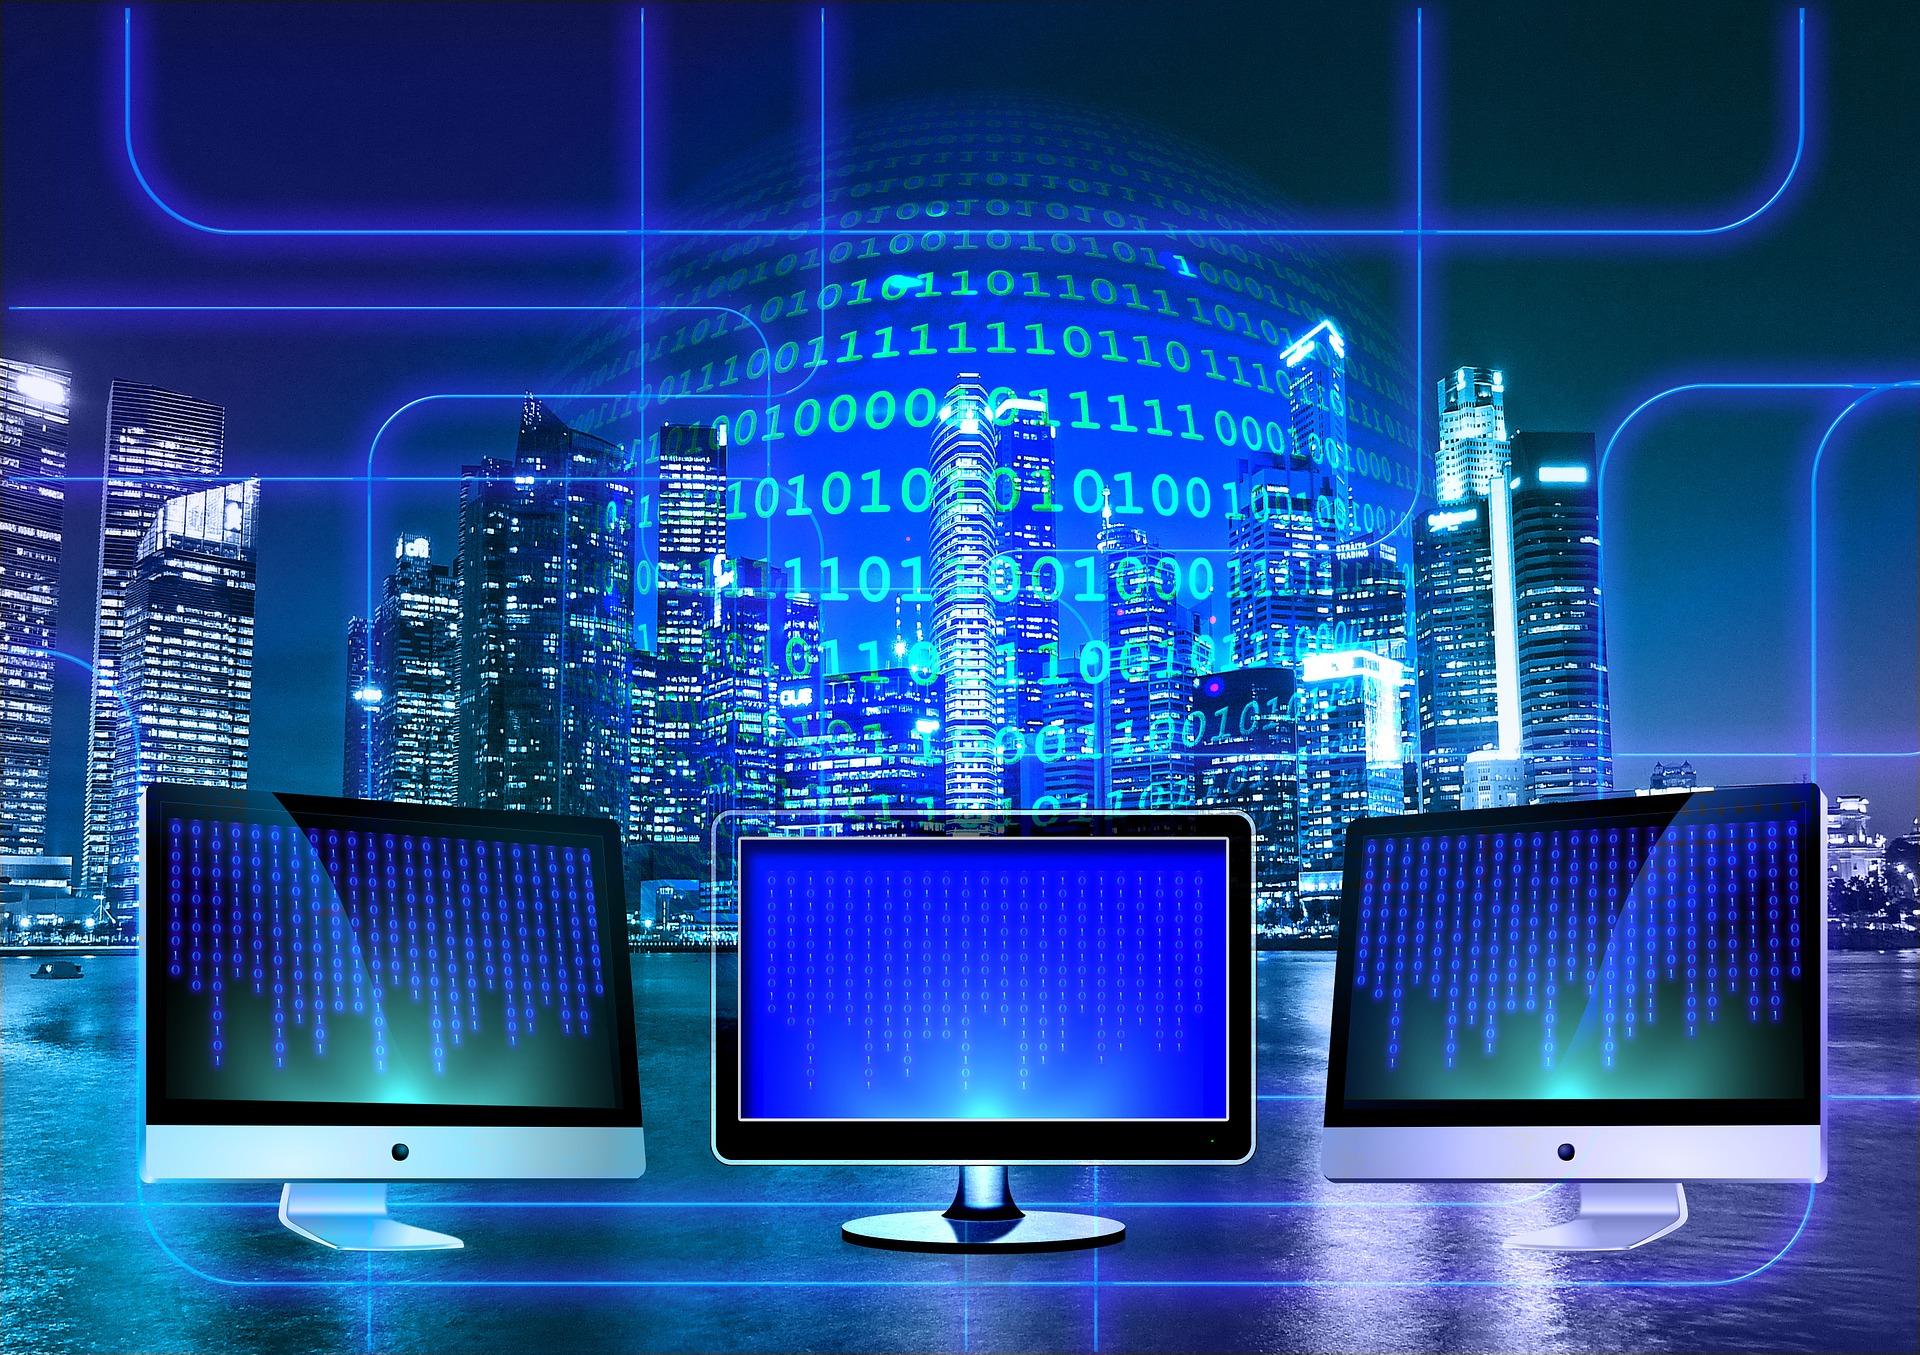 kênh bán hàng trực tuyến, các kênh bán hàng trực tuyến, các hình thức marketing hiệu quả